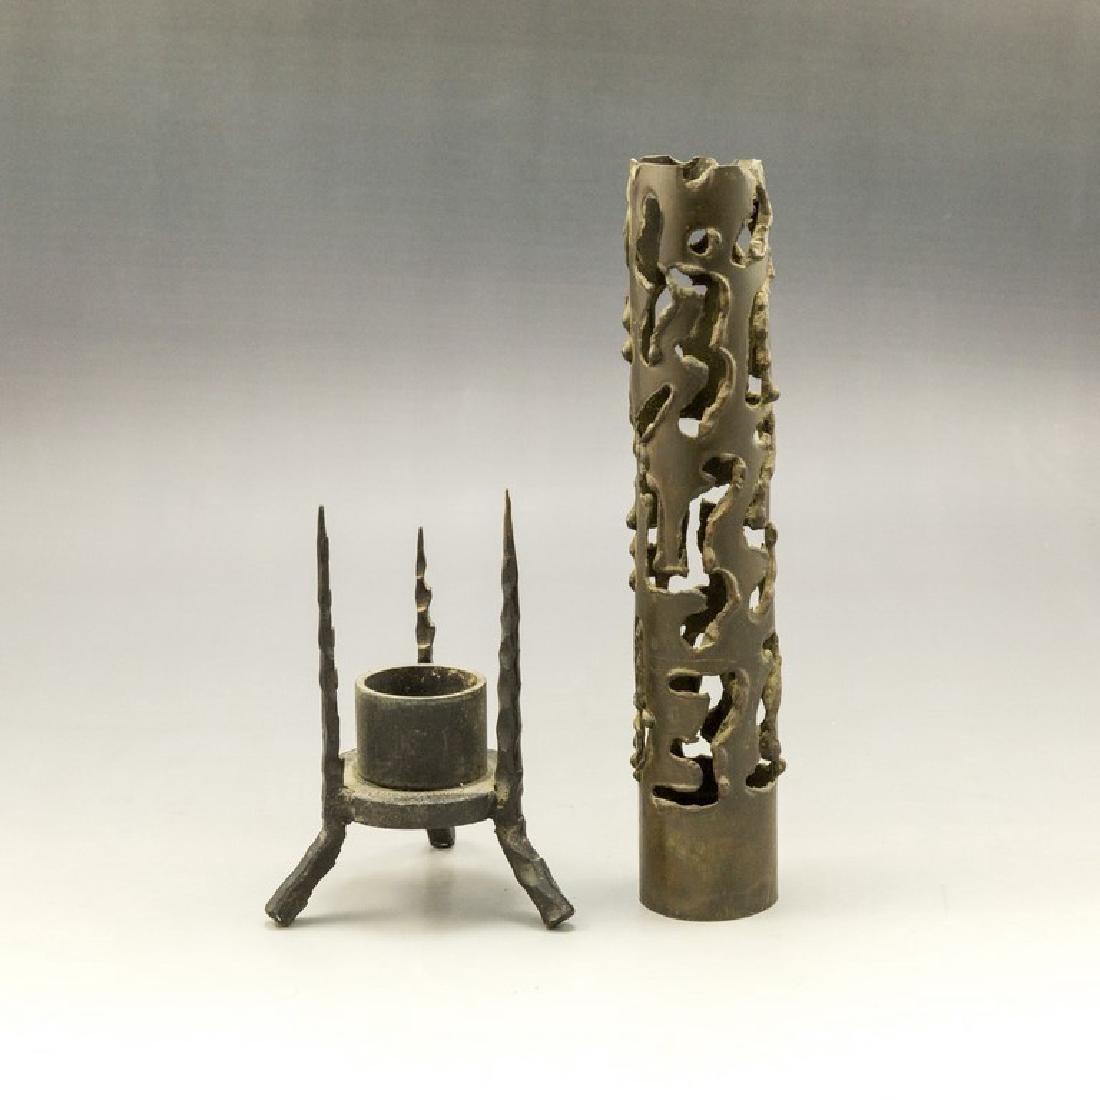 Palombo Brutalist Iron Candle Holder - 2